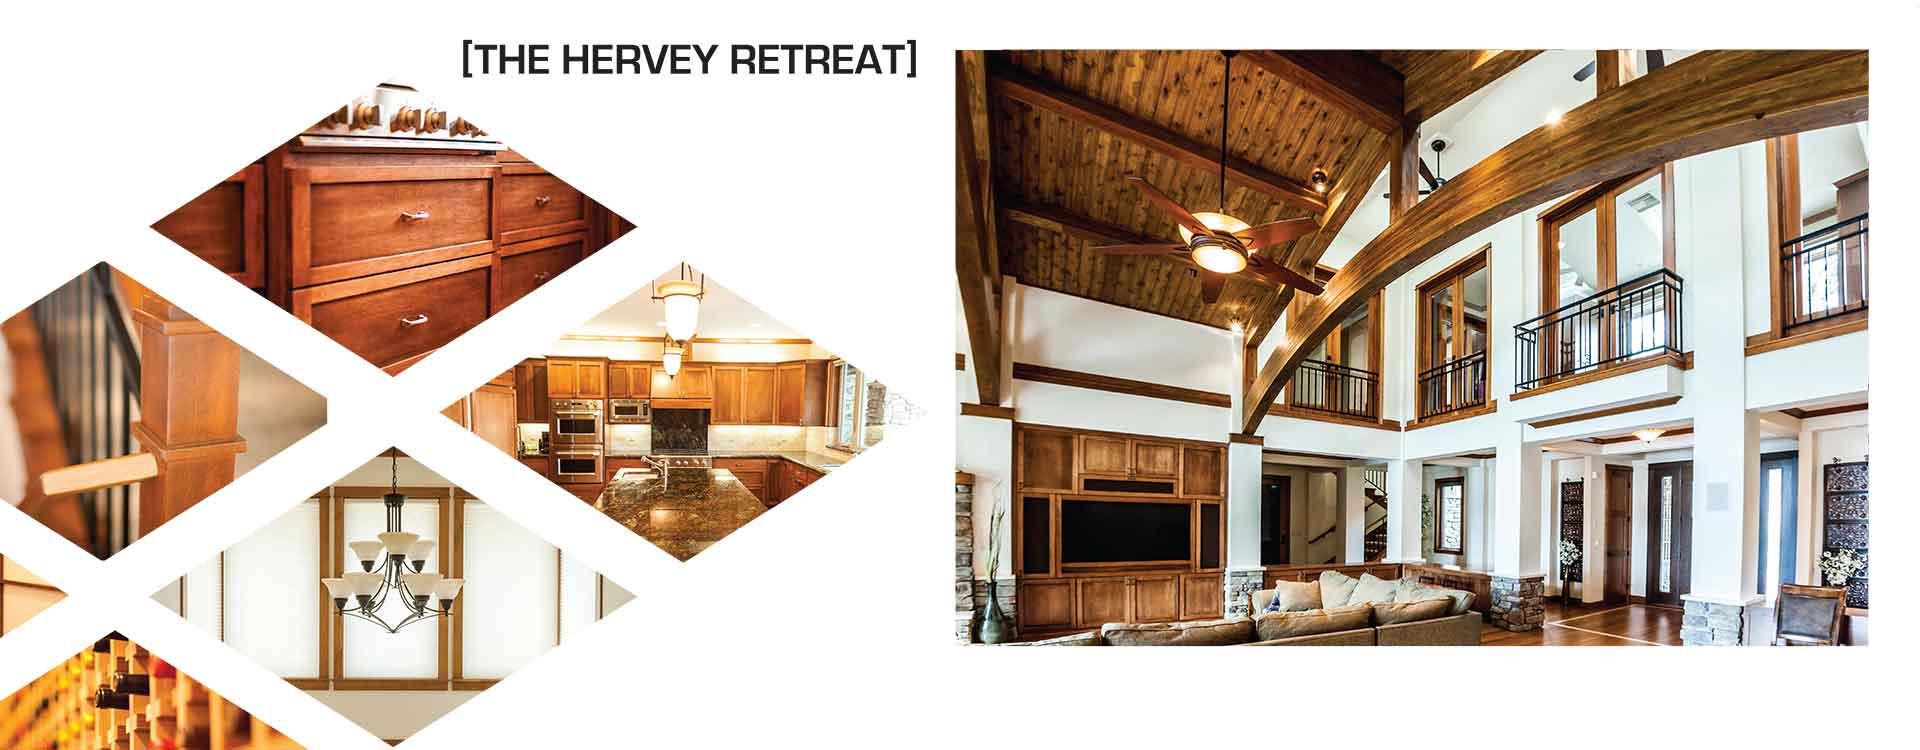 Len-Stevens-Construction-Grass-Valley-The-Hervey-Home